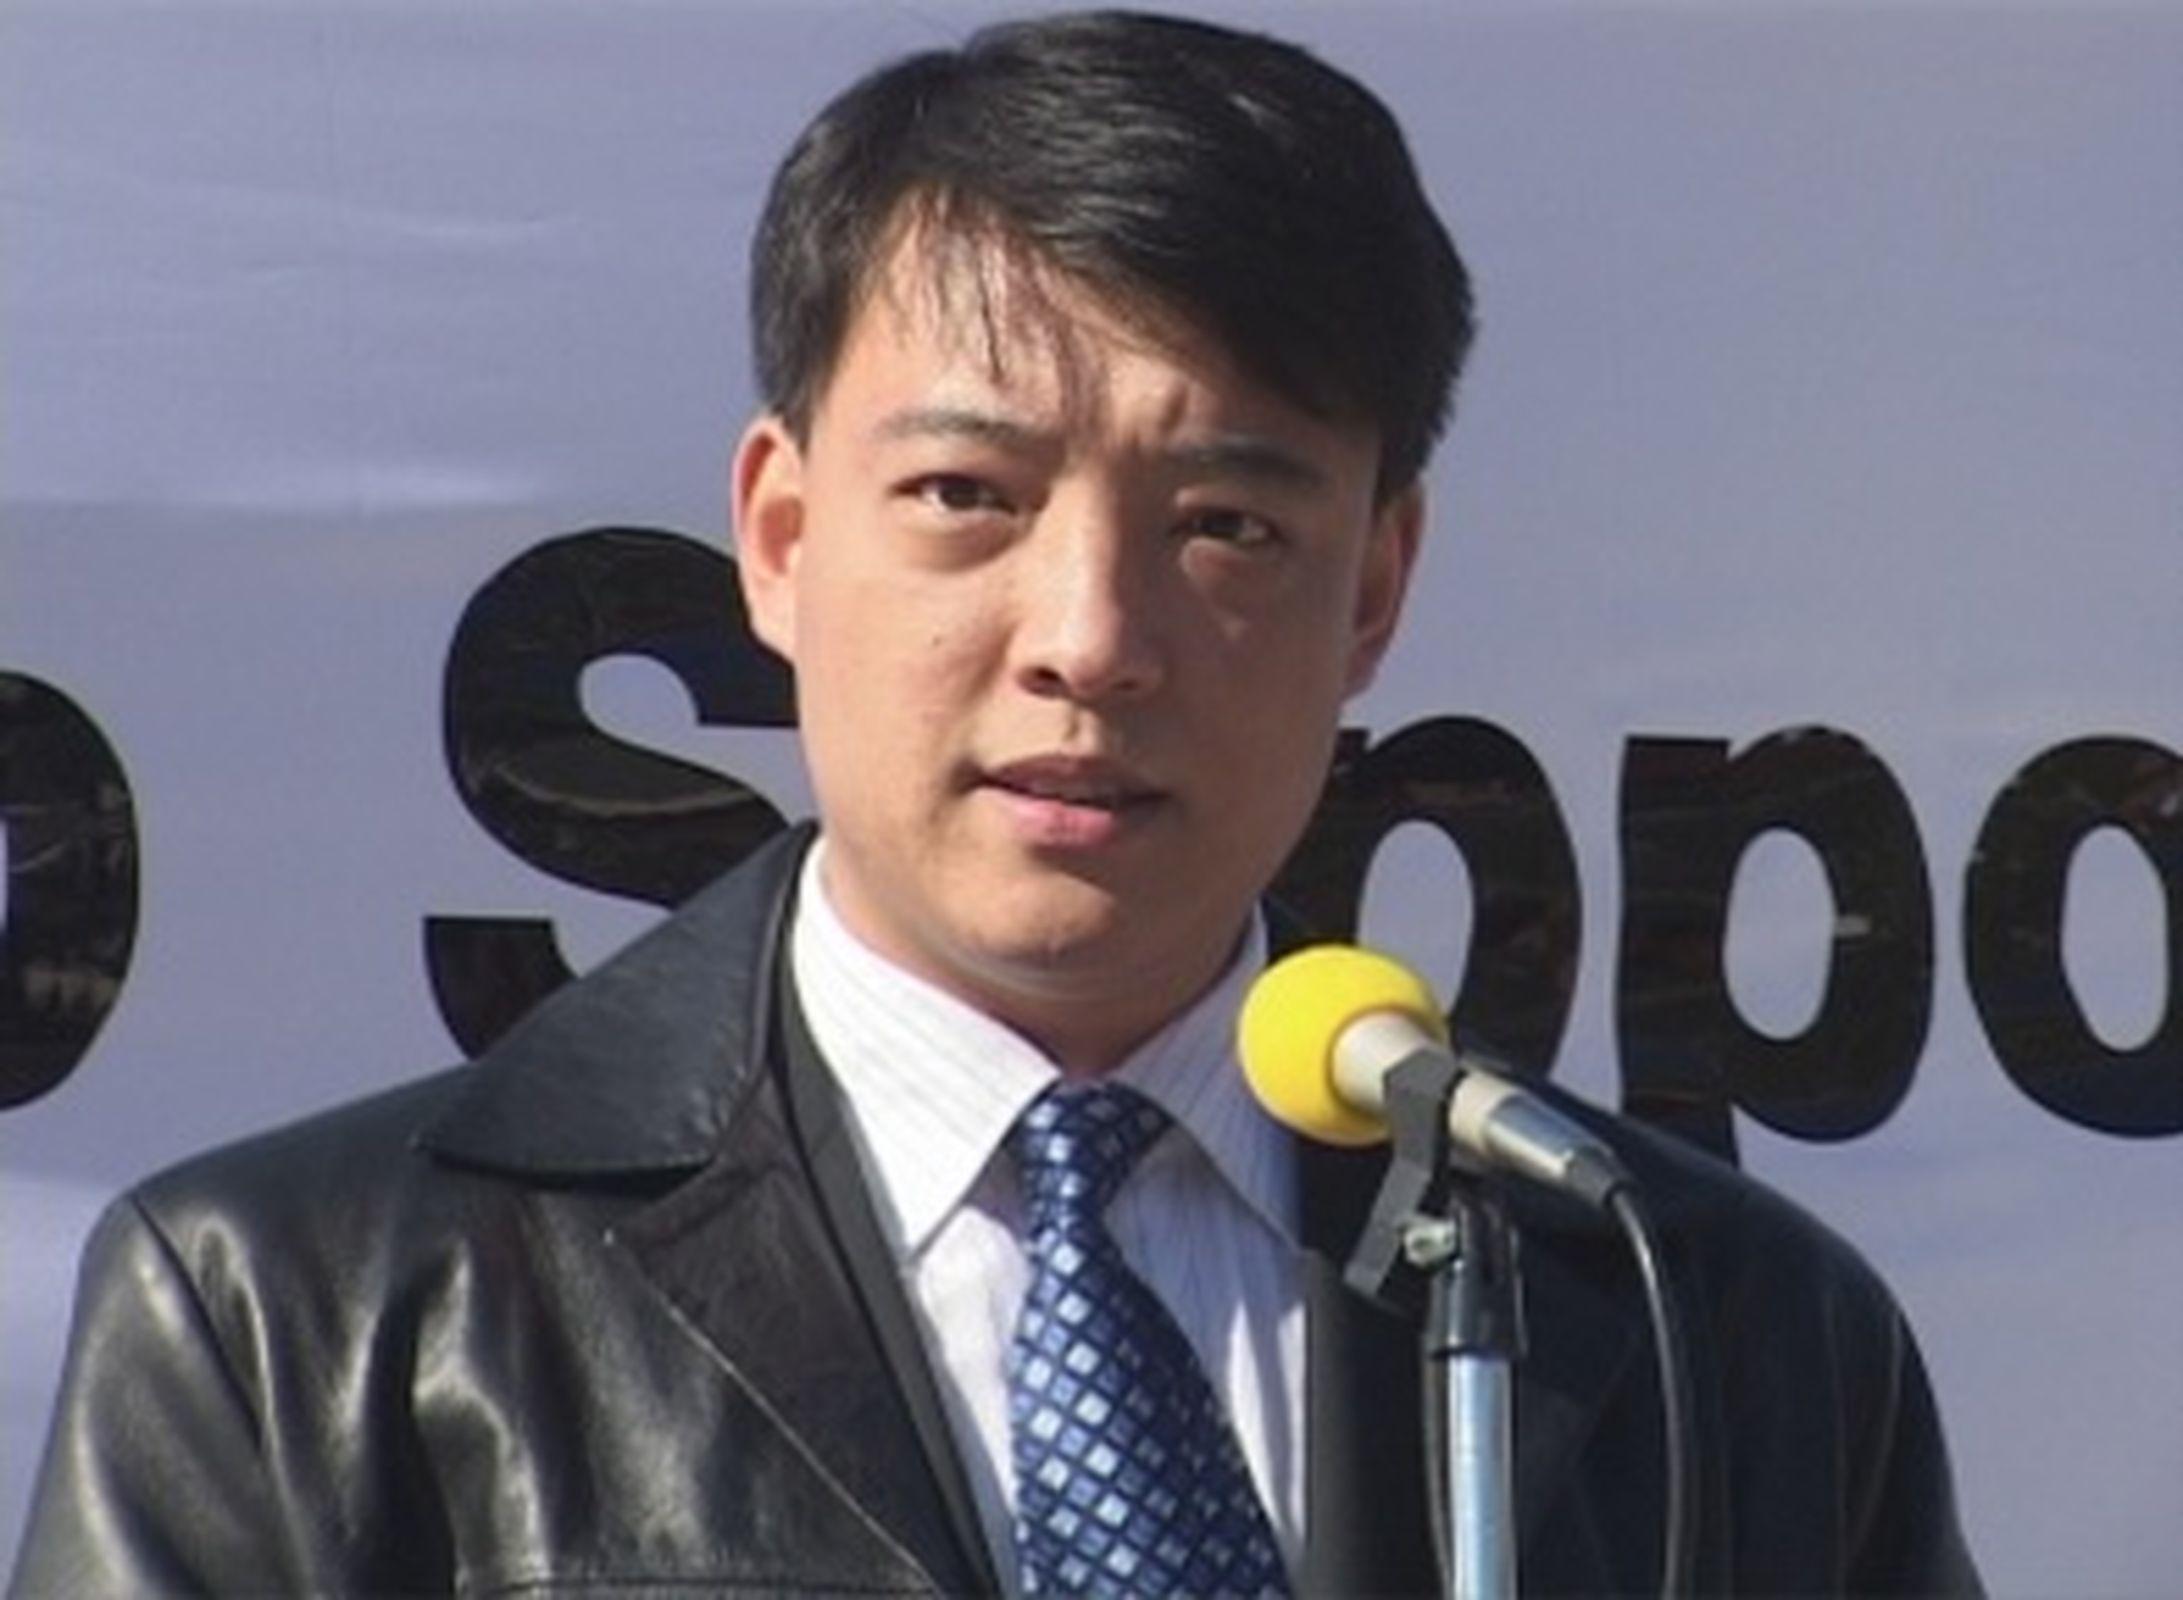 原天津迫害法輪功組織610辦公室官員郝鳳軍先生,2005年公開退黨。圖為坎培拉公眾集會上的郝鳳軍。(大紀元)